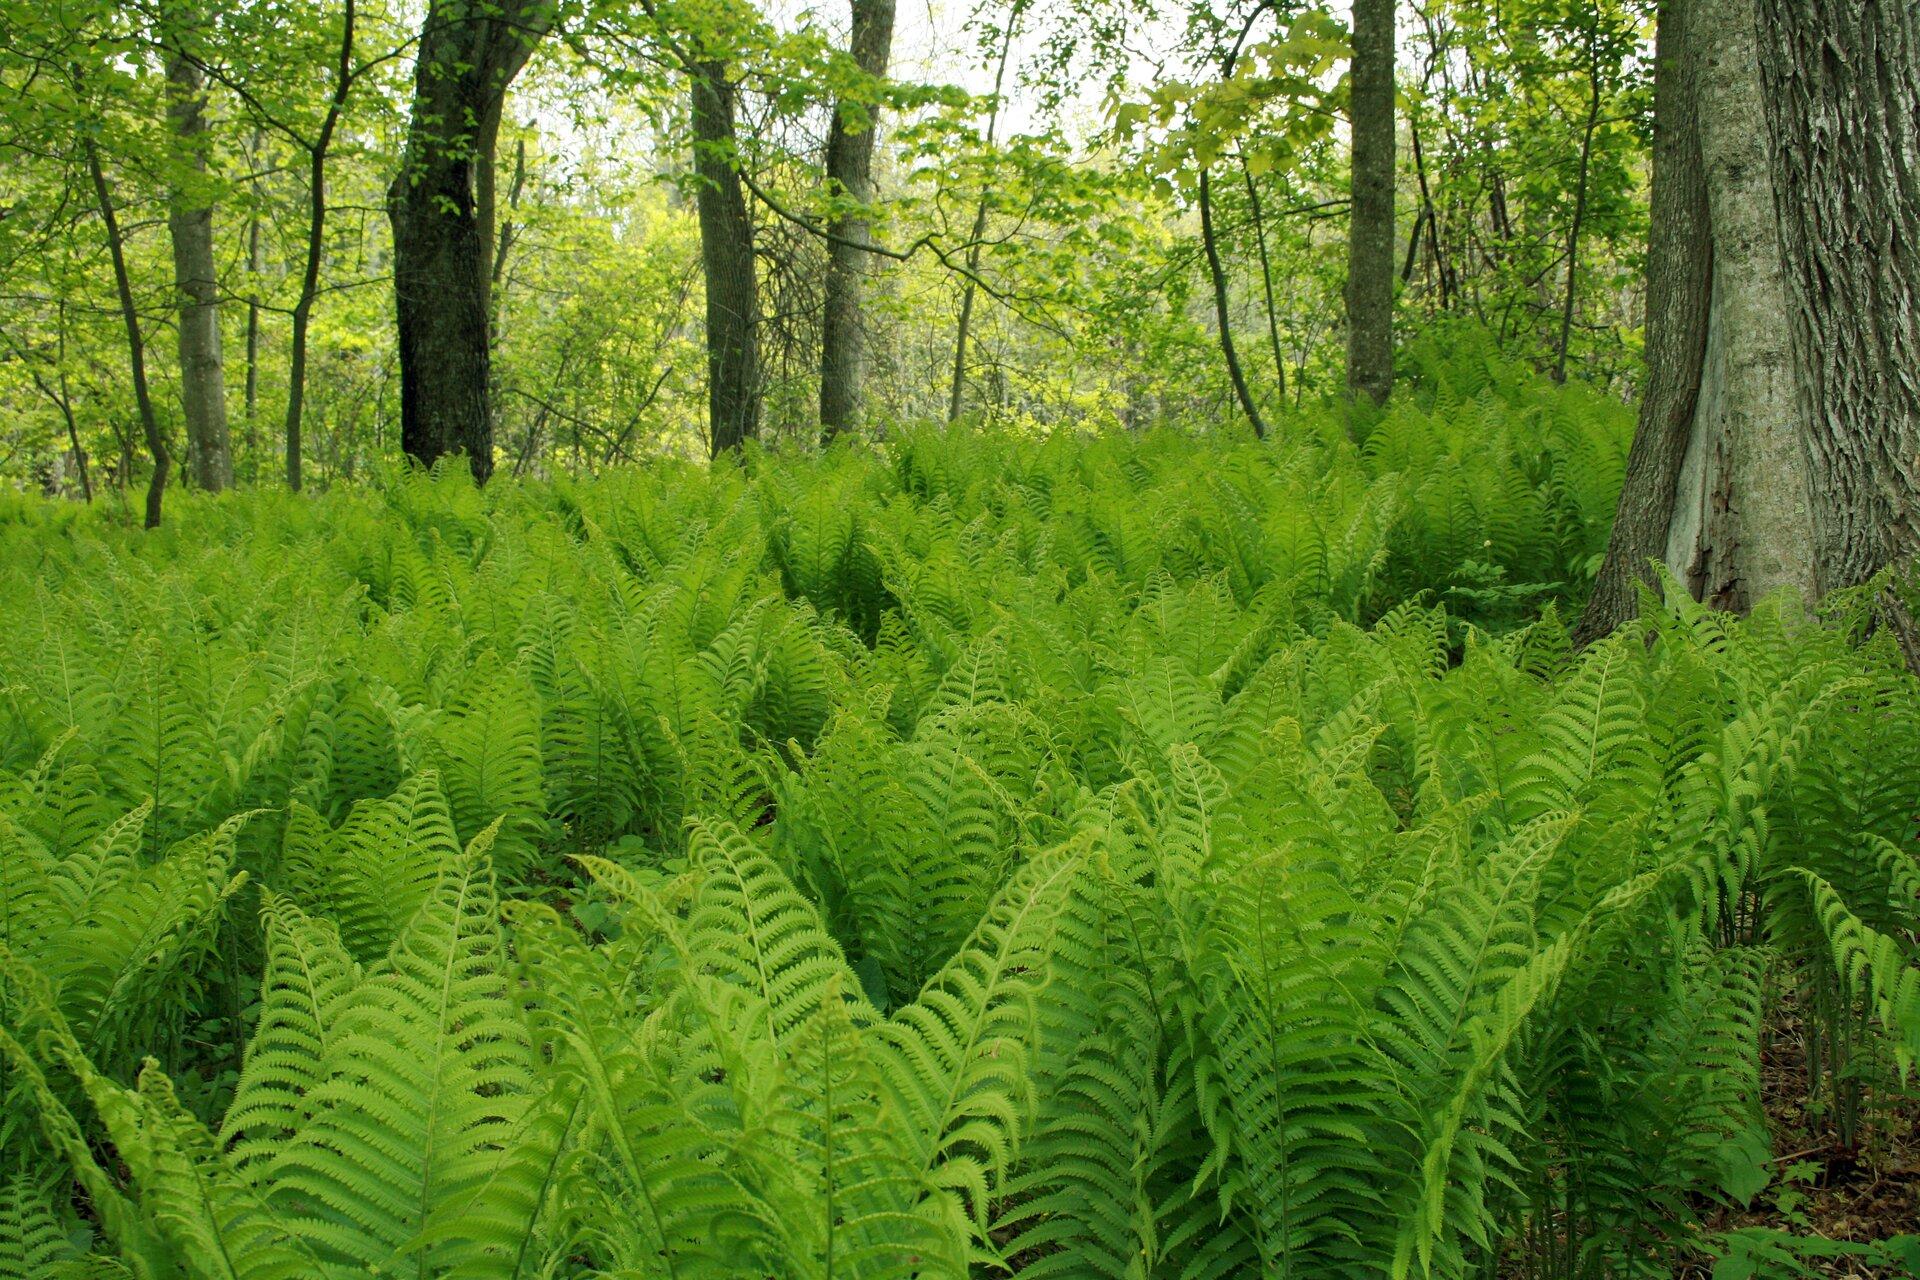 Fotografia przedstawia las, wktórym rośnie wiele zielonych paproci. Rosną one wcieniu drzew, czyli są cienioznośne.